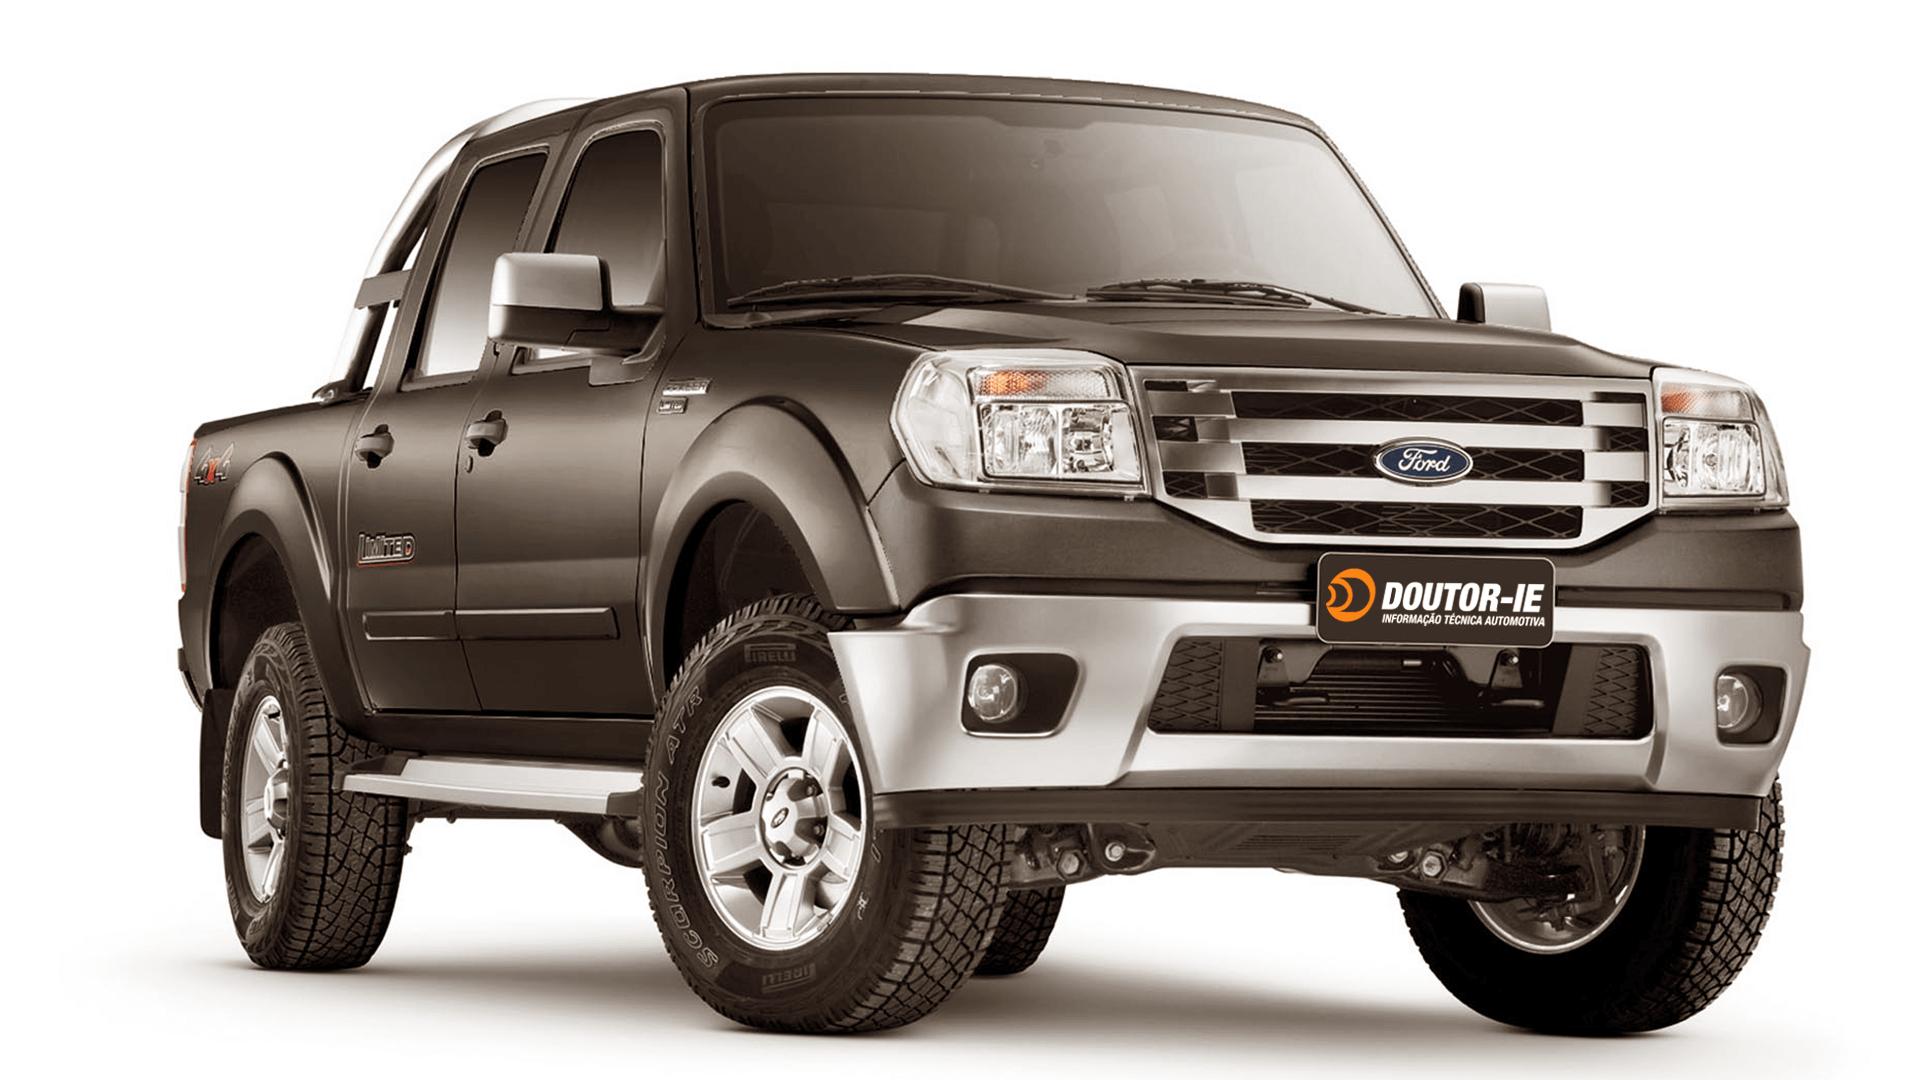 Ford Ranger 3.0 NGD (imagem ilustrativa).